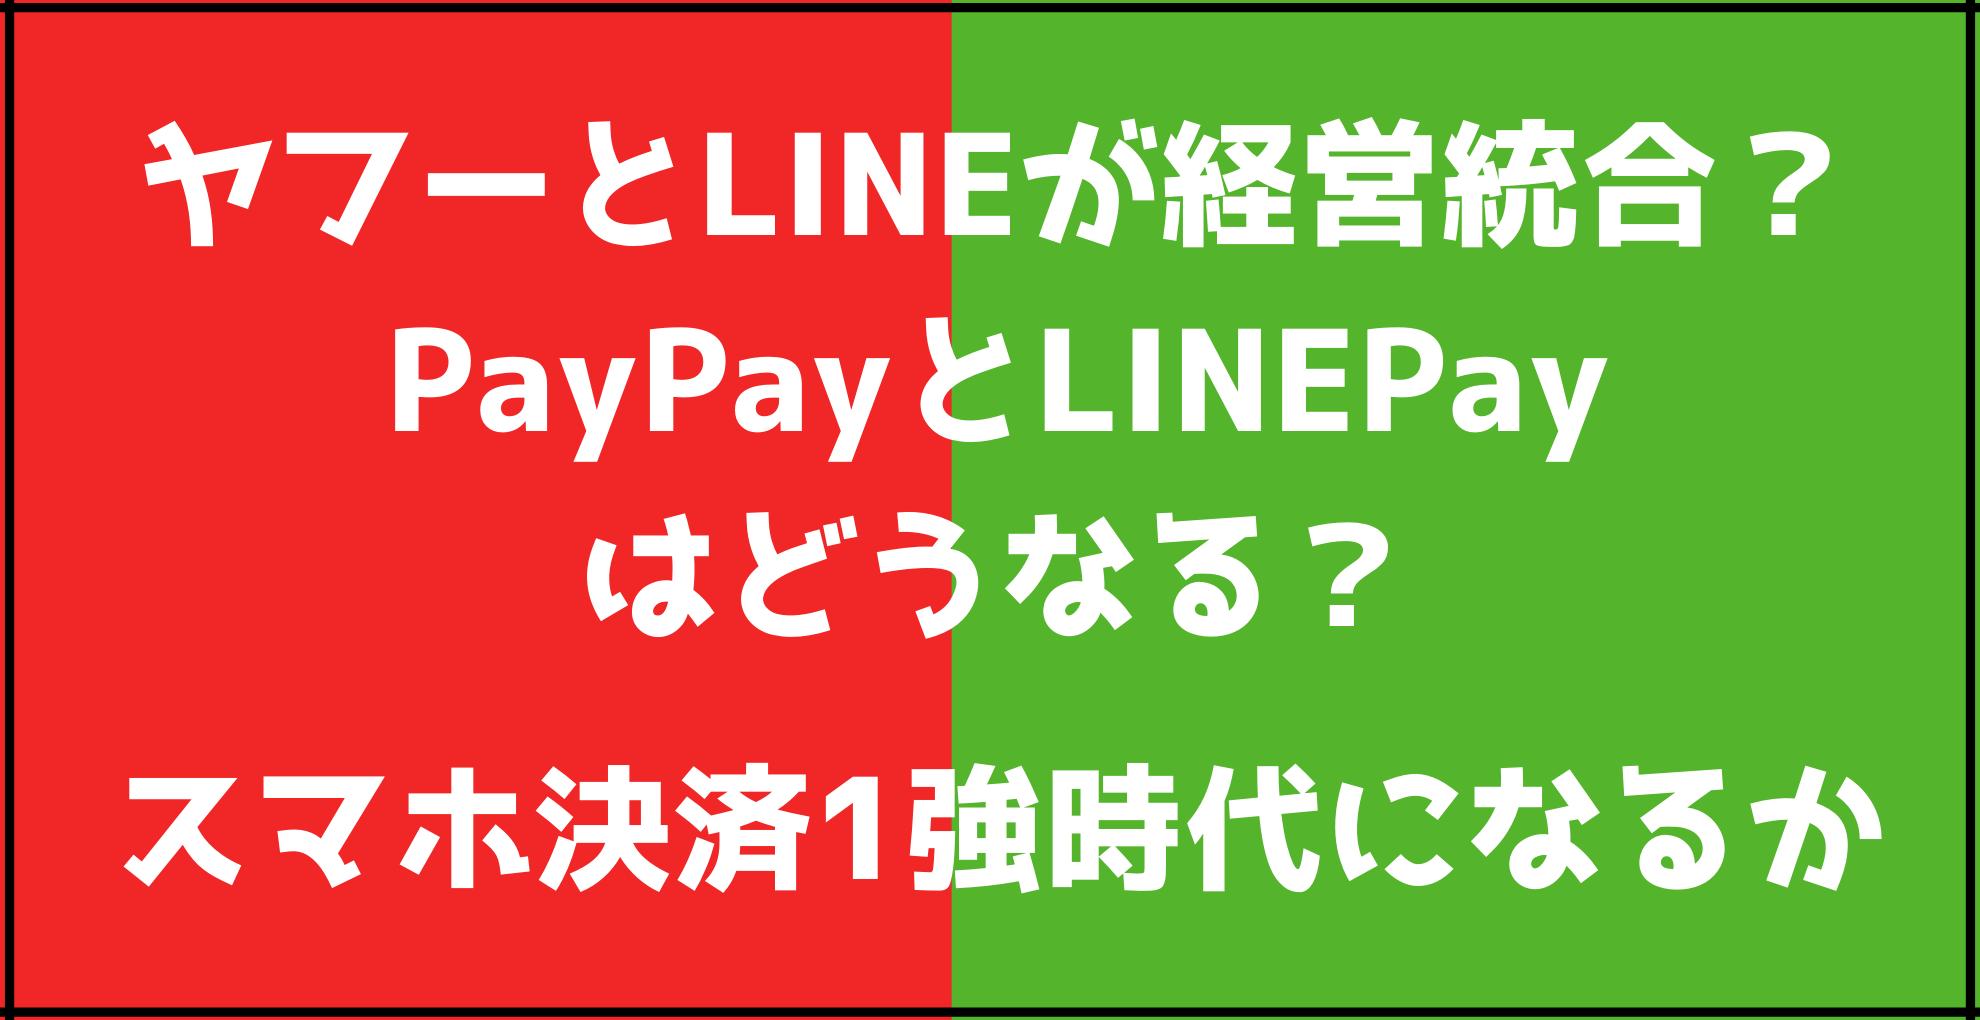 ヤフーとLINEが経営統合? PayPayとLINE Payはどうなる? スマホ決済1強時代になるか